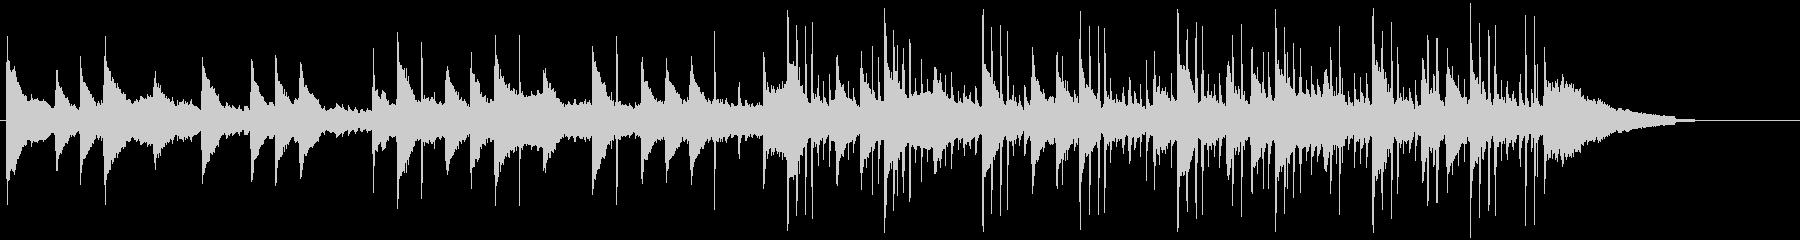 和楽器を使ったほのぼの和風エレクトロの未再生の波形